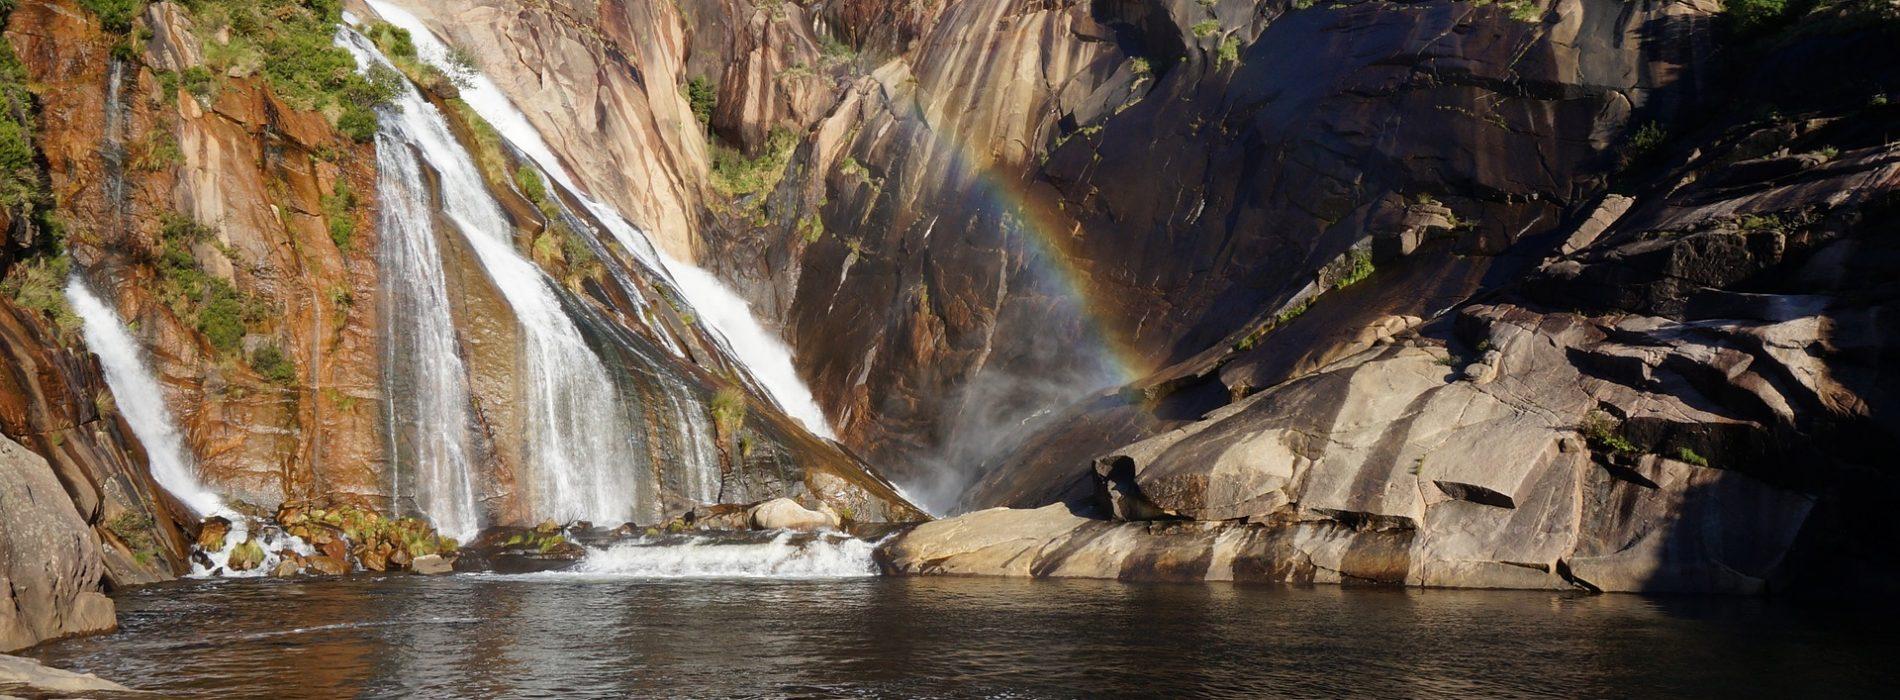 La Cascada de Ézaro: un paraje espectacular del turismo de Galicia